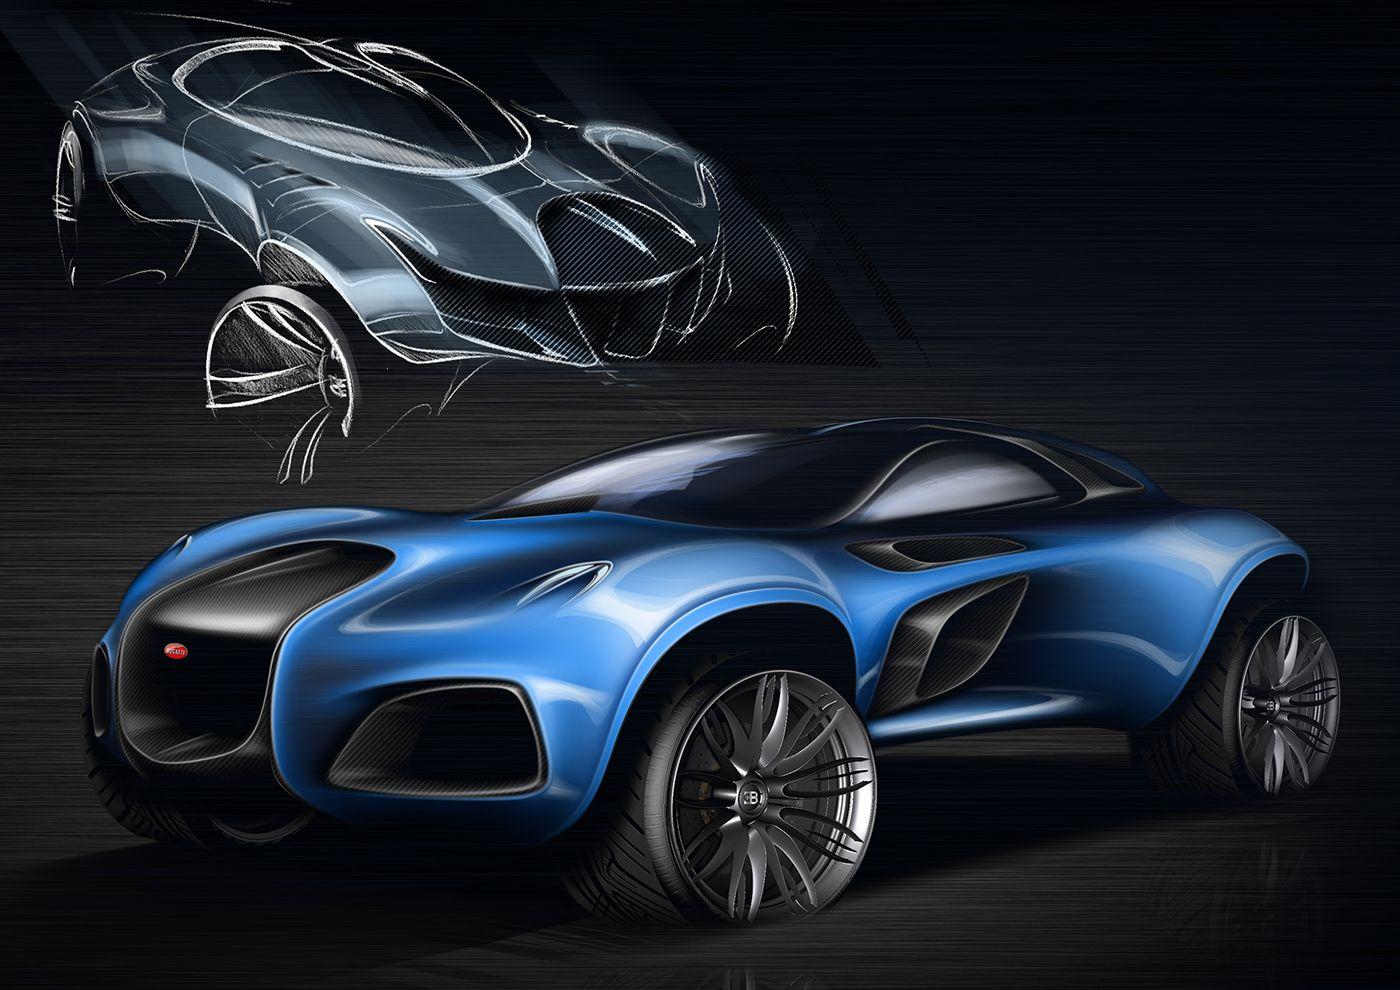 New Bugatti SUV 2030 | Design auto | Bugatti, Concept cars, Cars